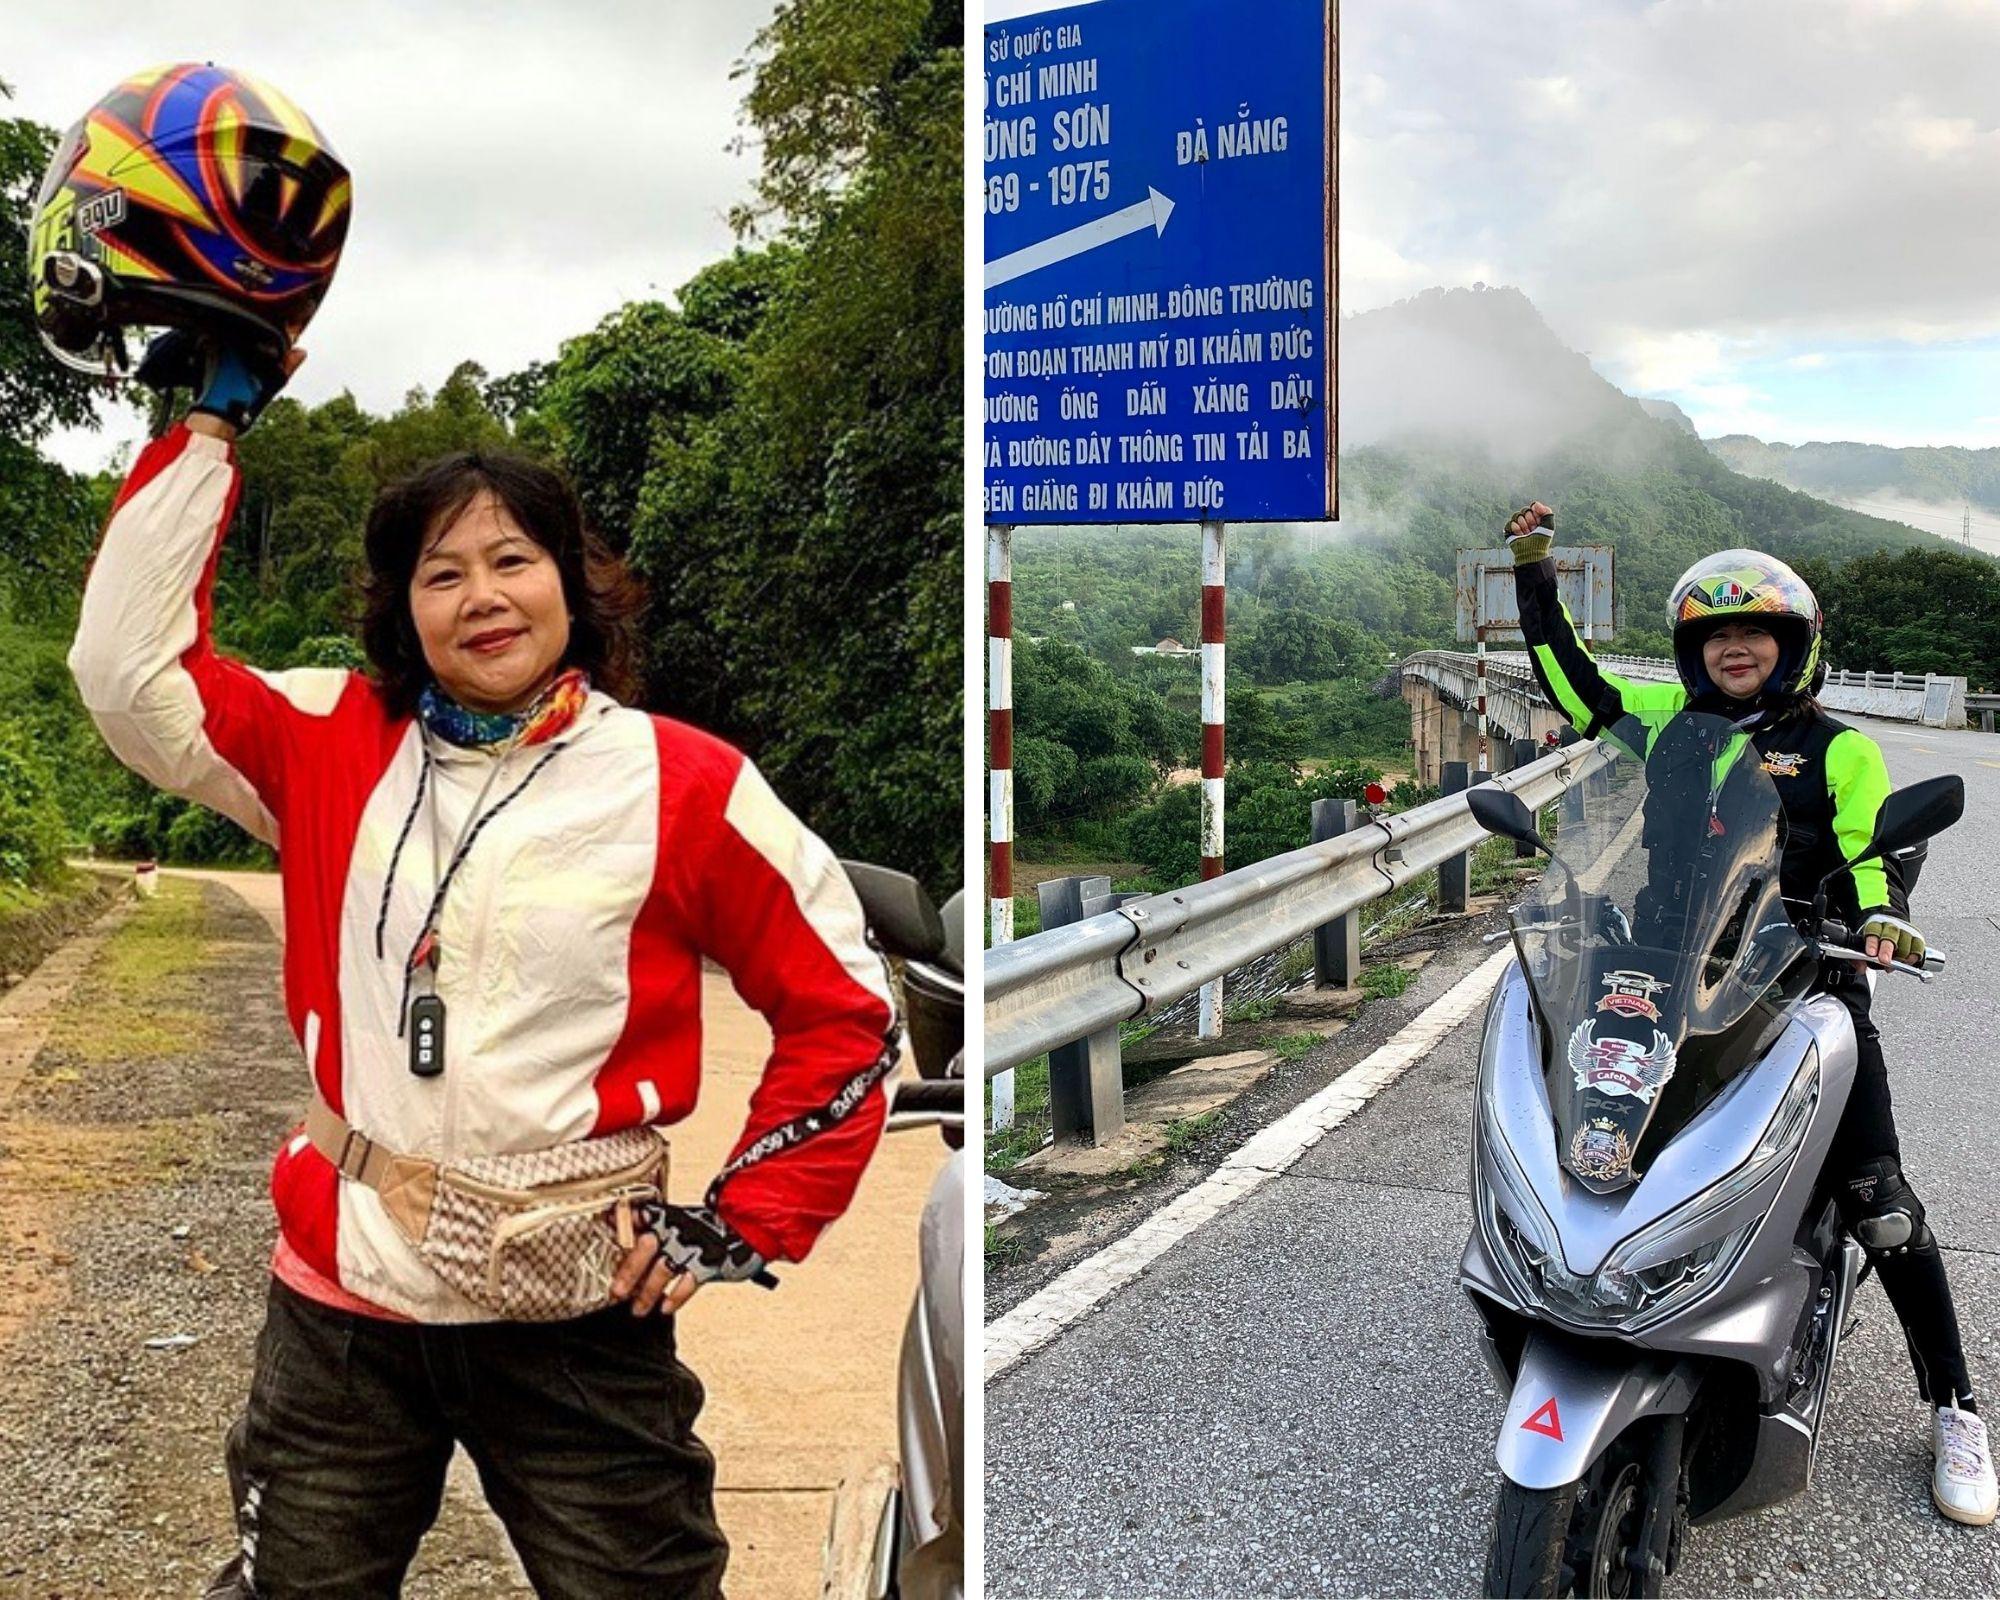 3 nữ phượt thủ U60 đam mê xê dịch, đi phượt khắp Việt Nam